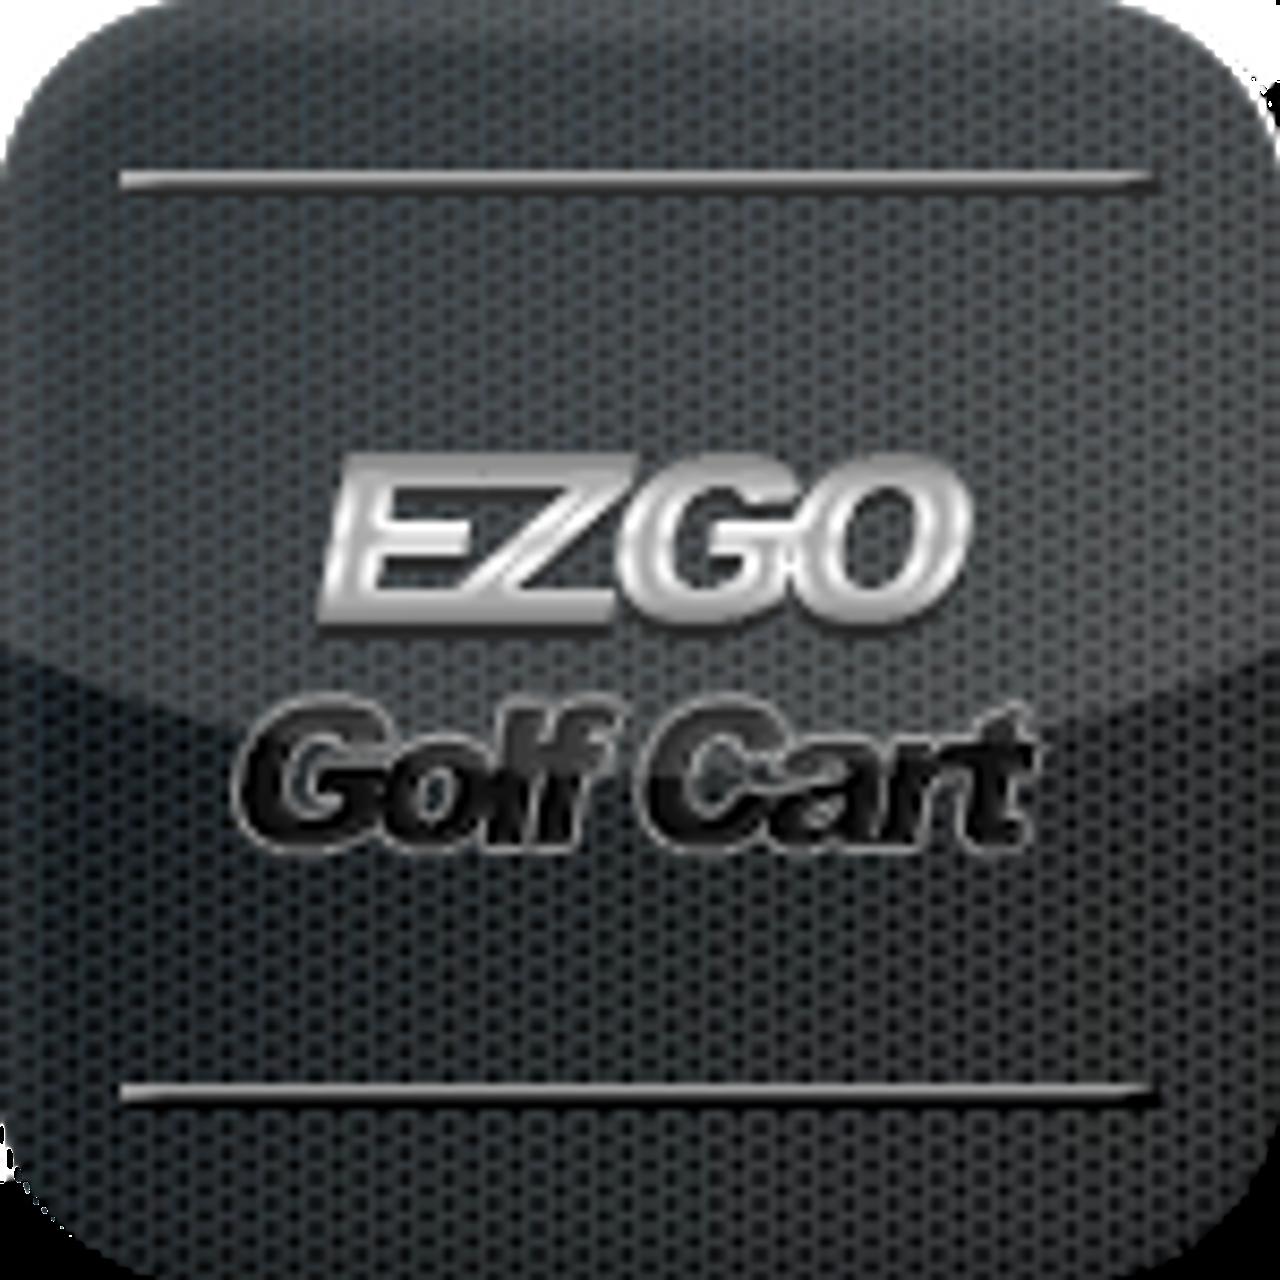 EZGO Starter Generators